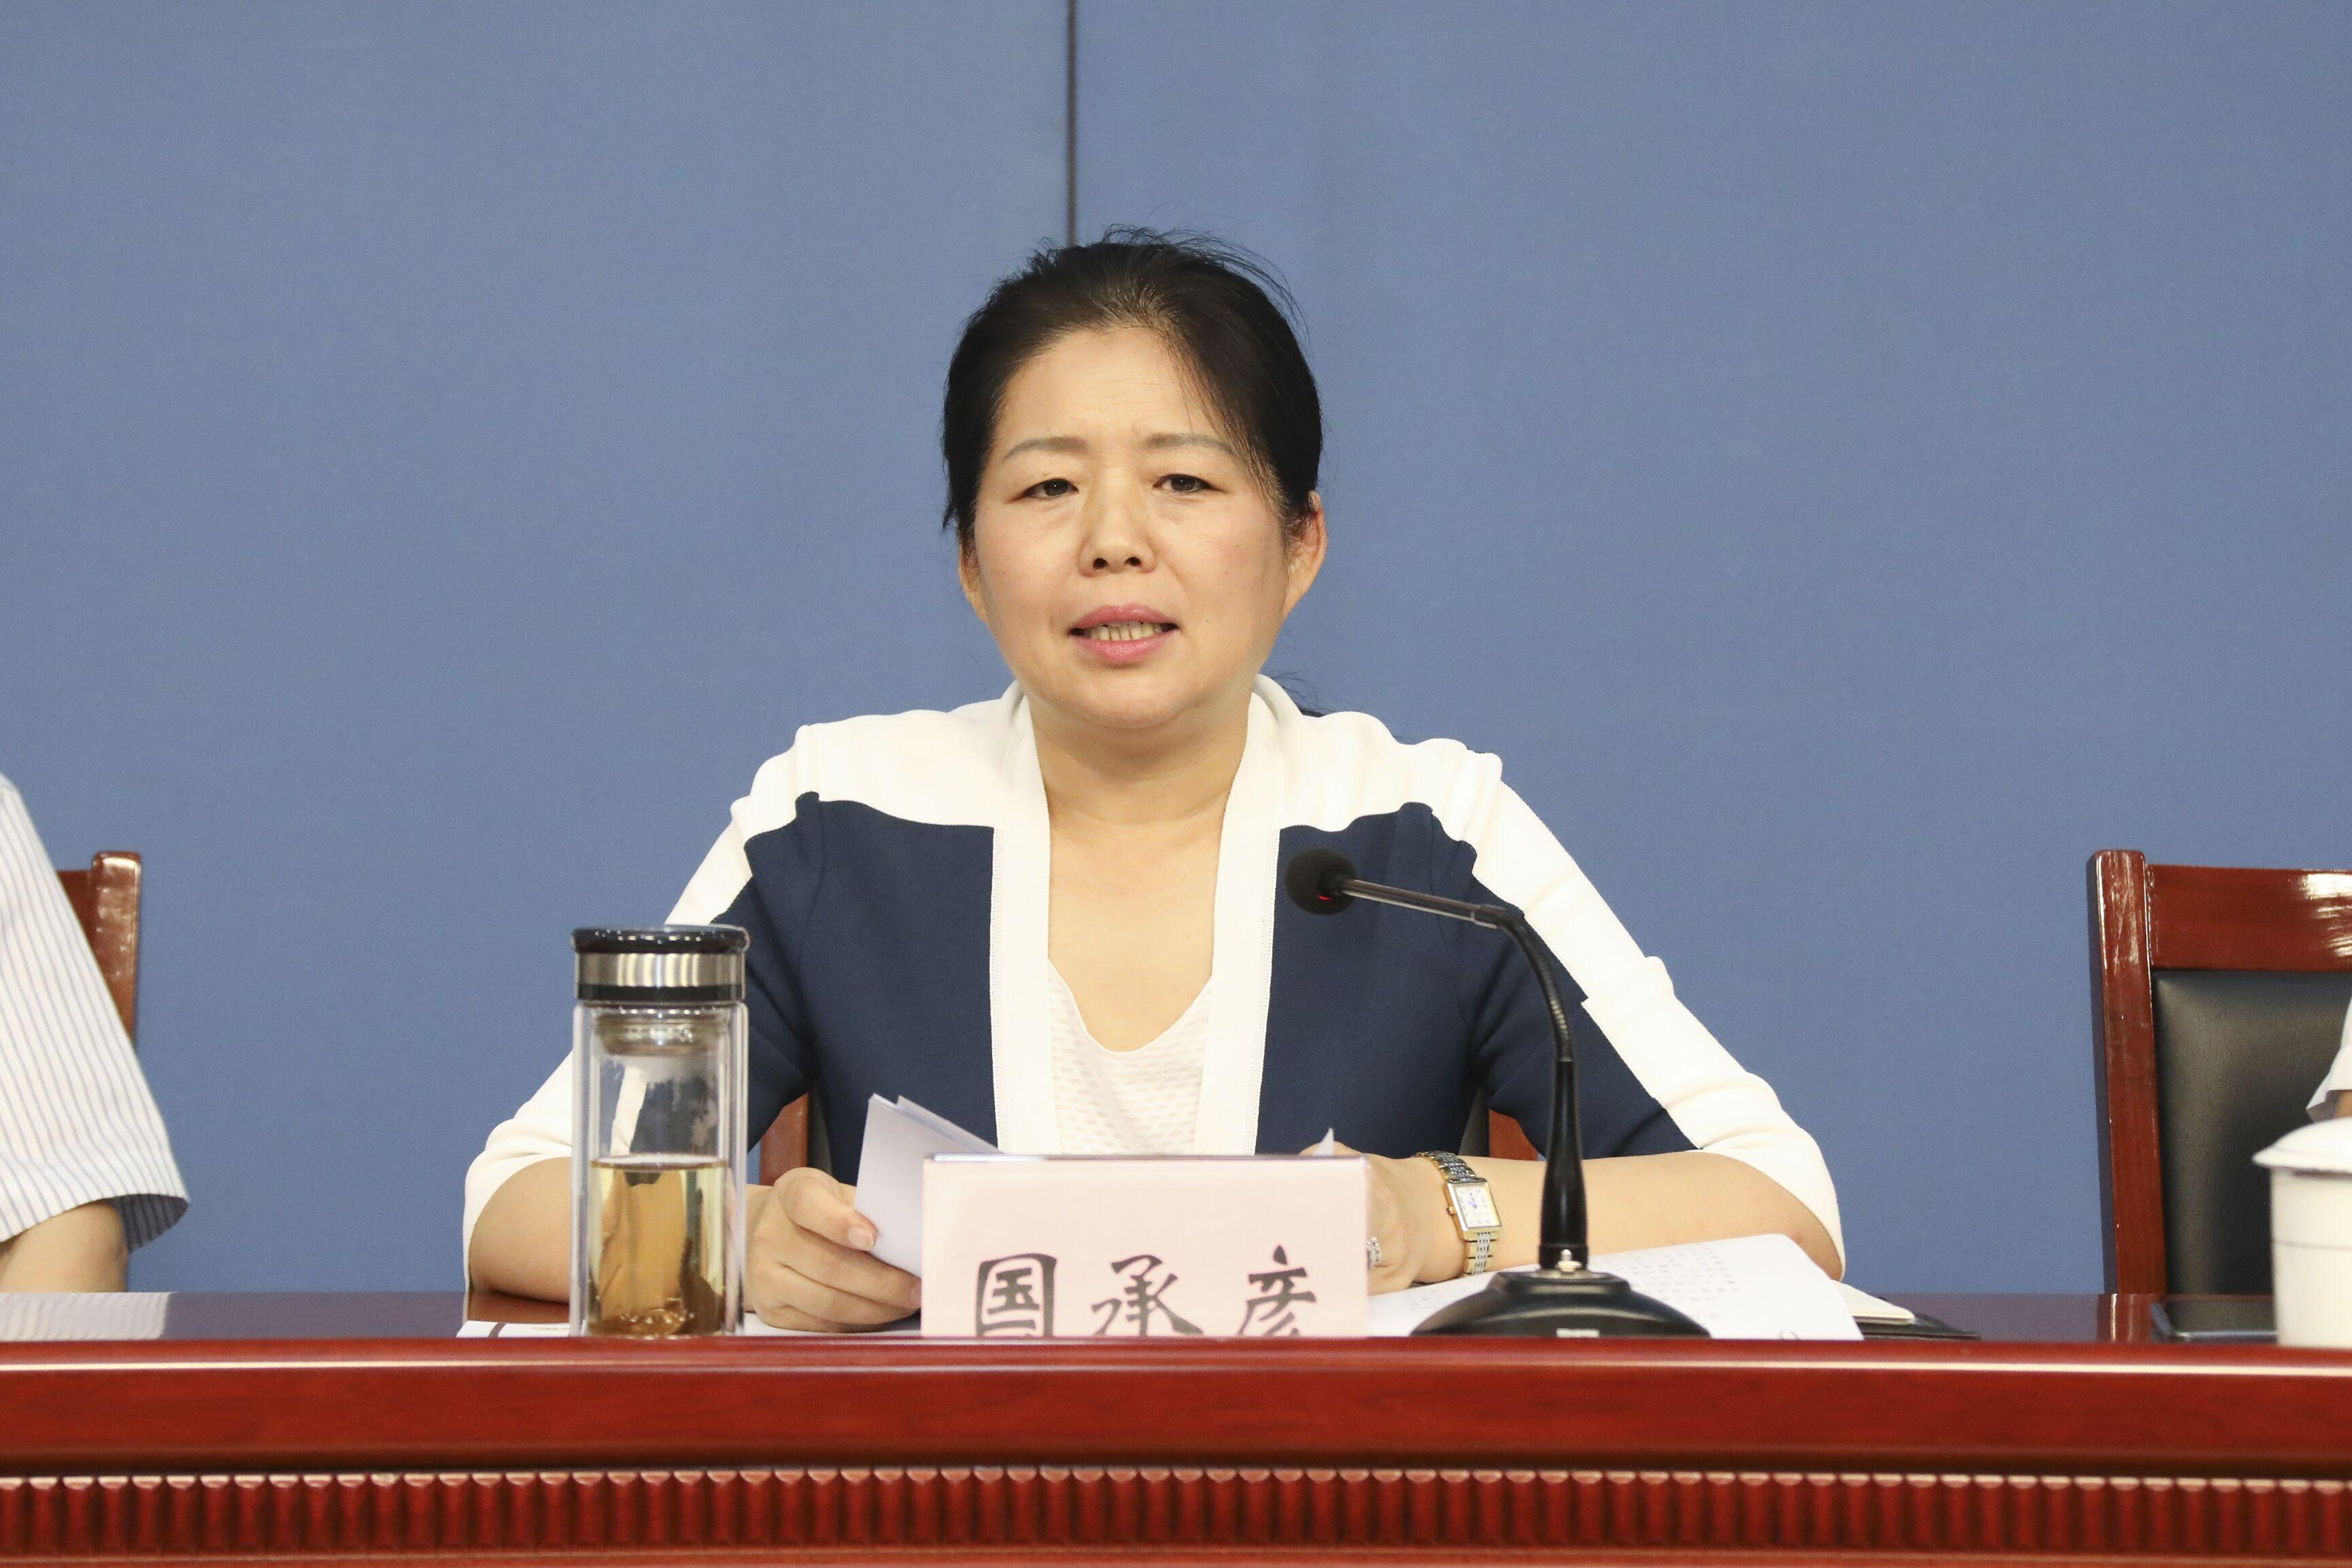 http://www.jinanjianbanzhewan.com/qichexiaofei/19052.html